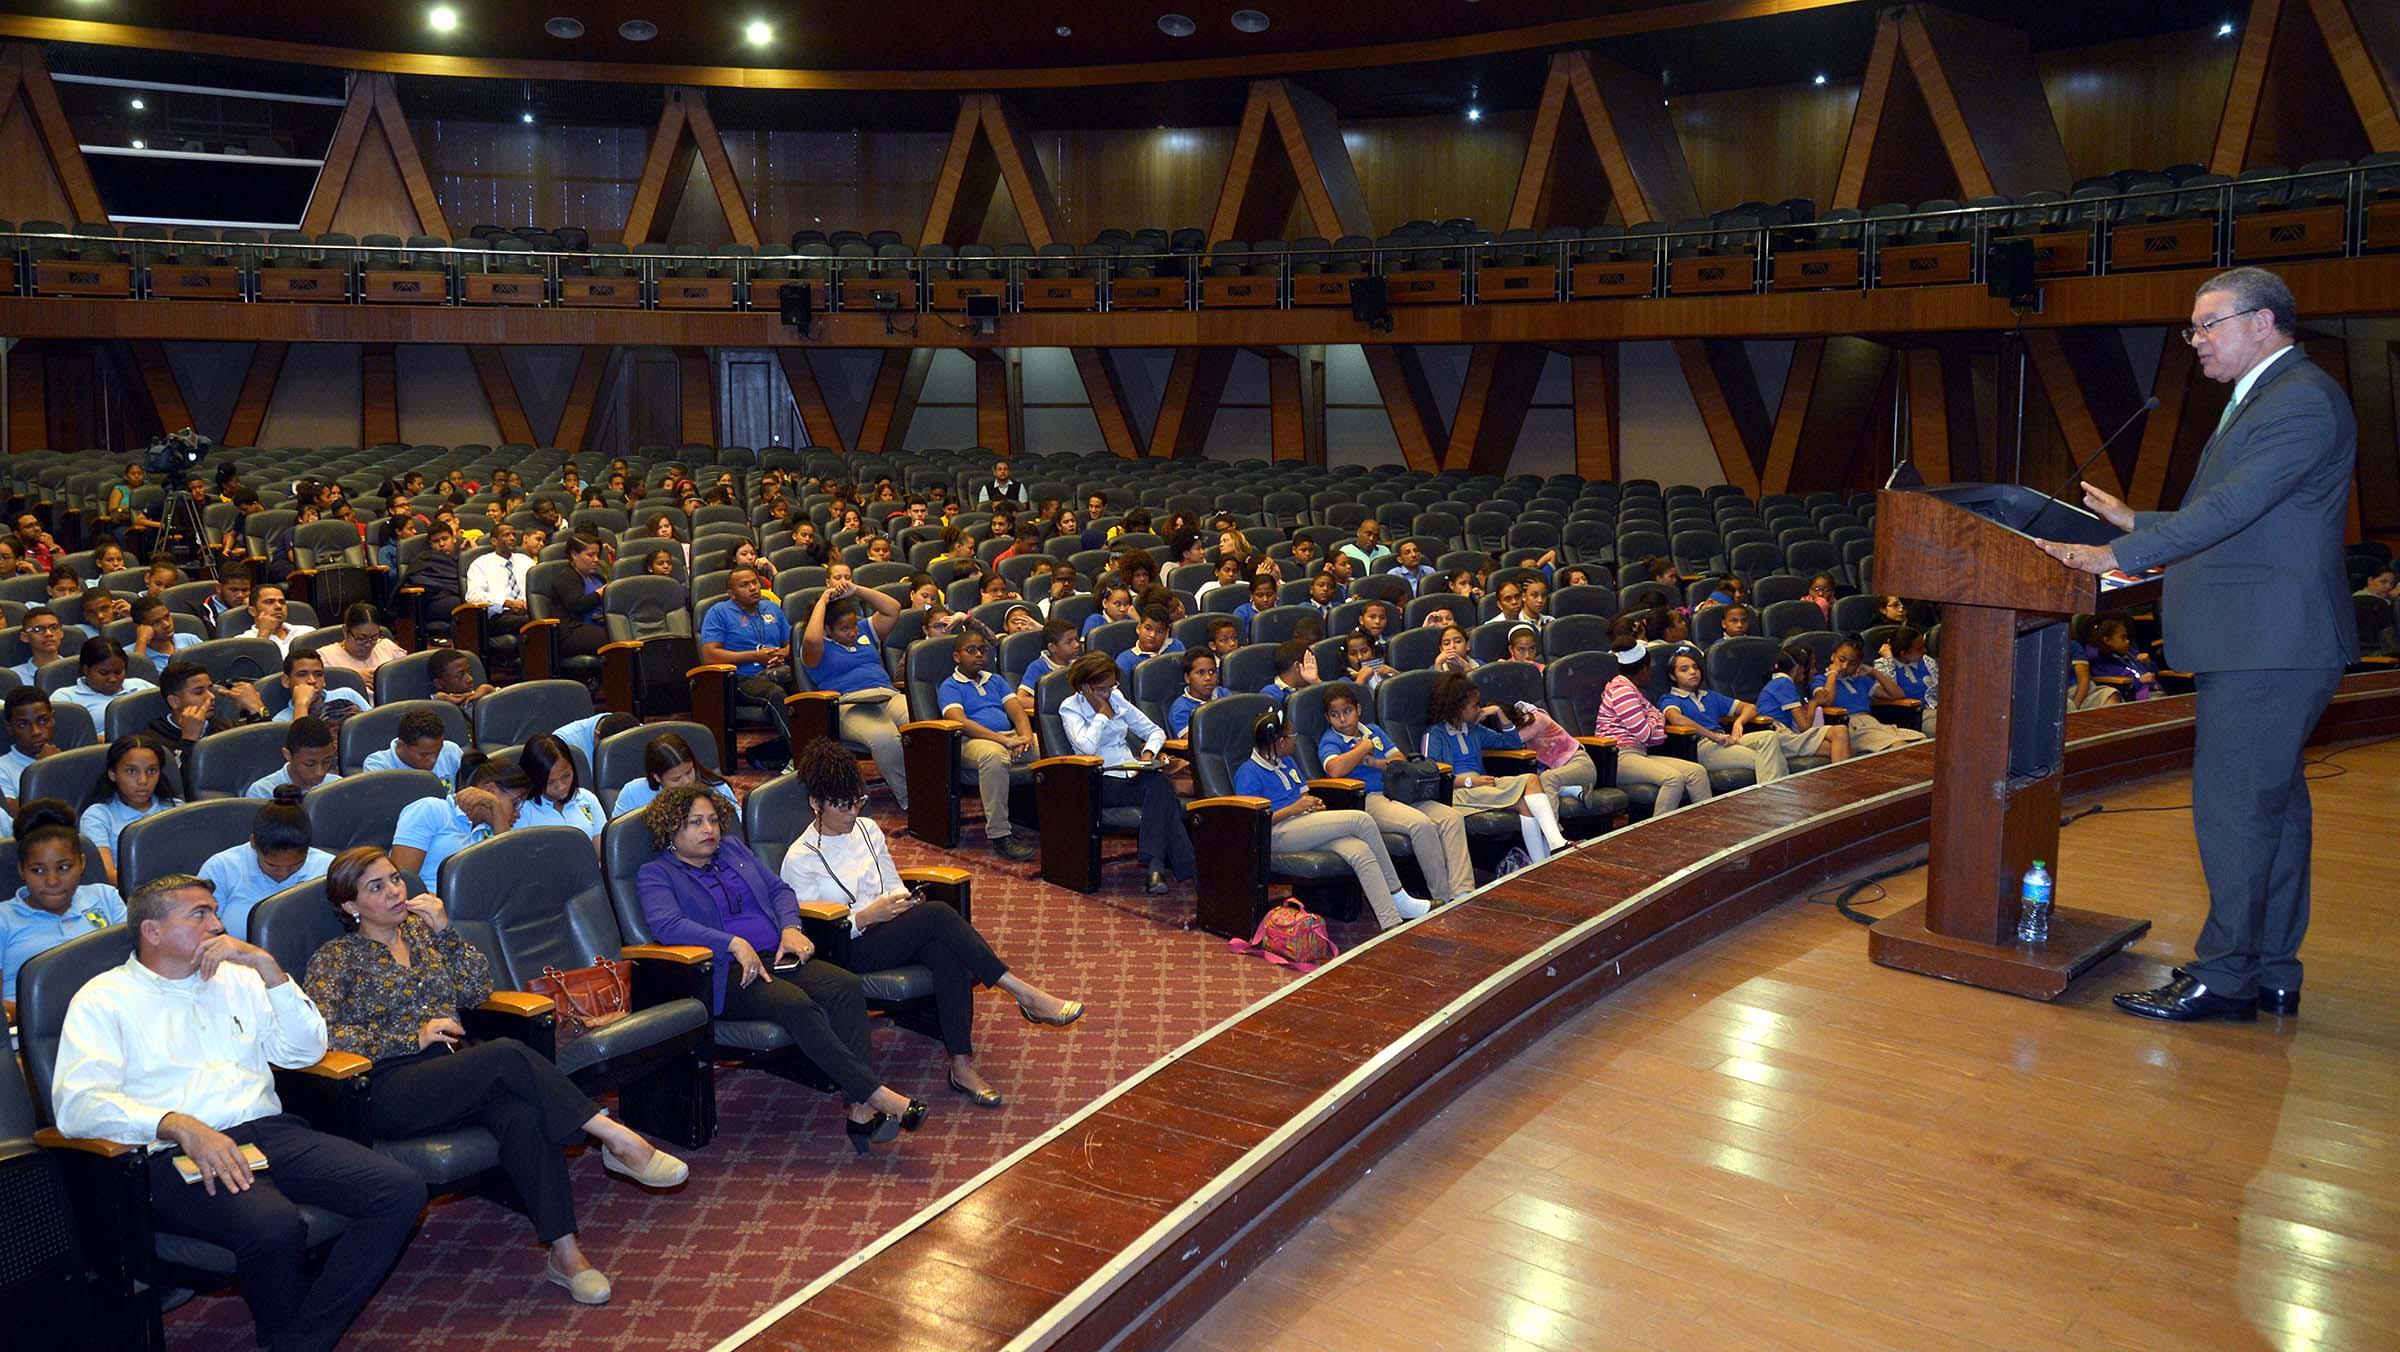 Resultado de imagen para Ministerio de Educación ofrece conferencia a estudiantes sobre ´´El Buen Uso de los Símbolos Patrios´´